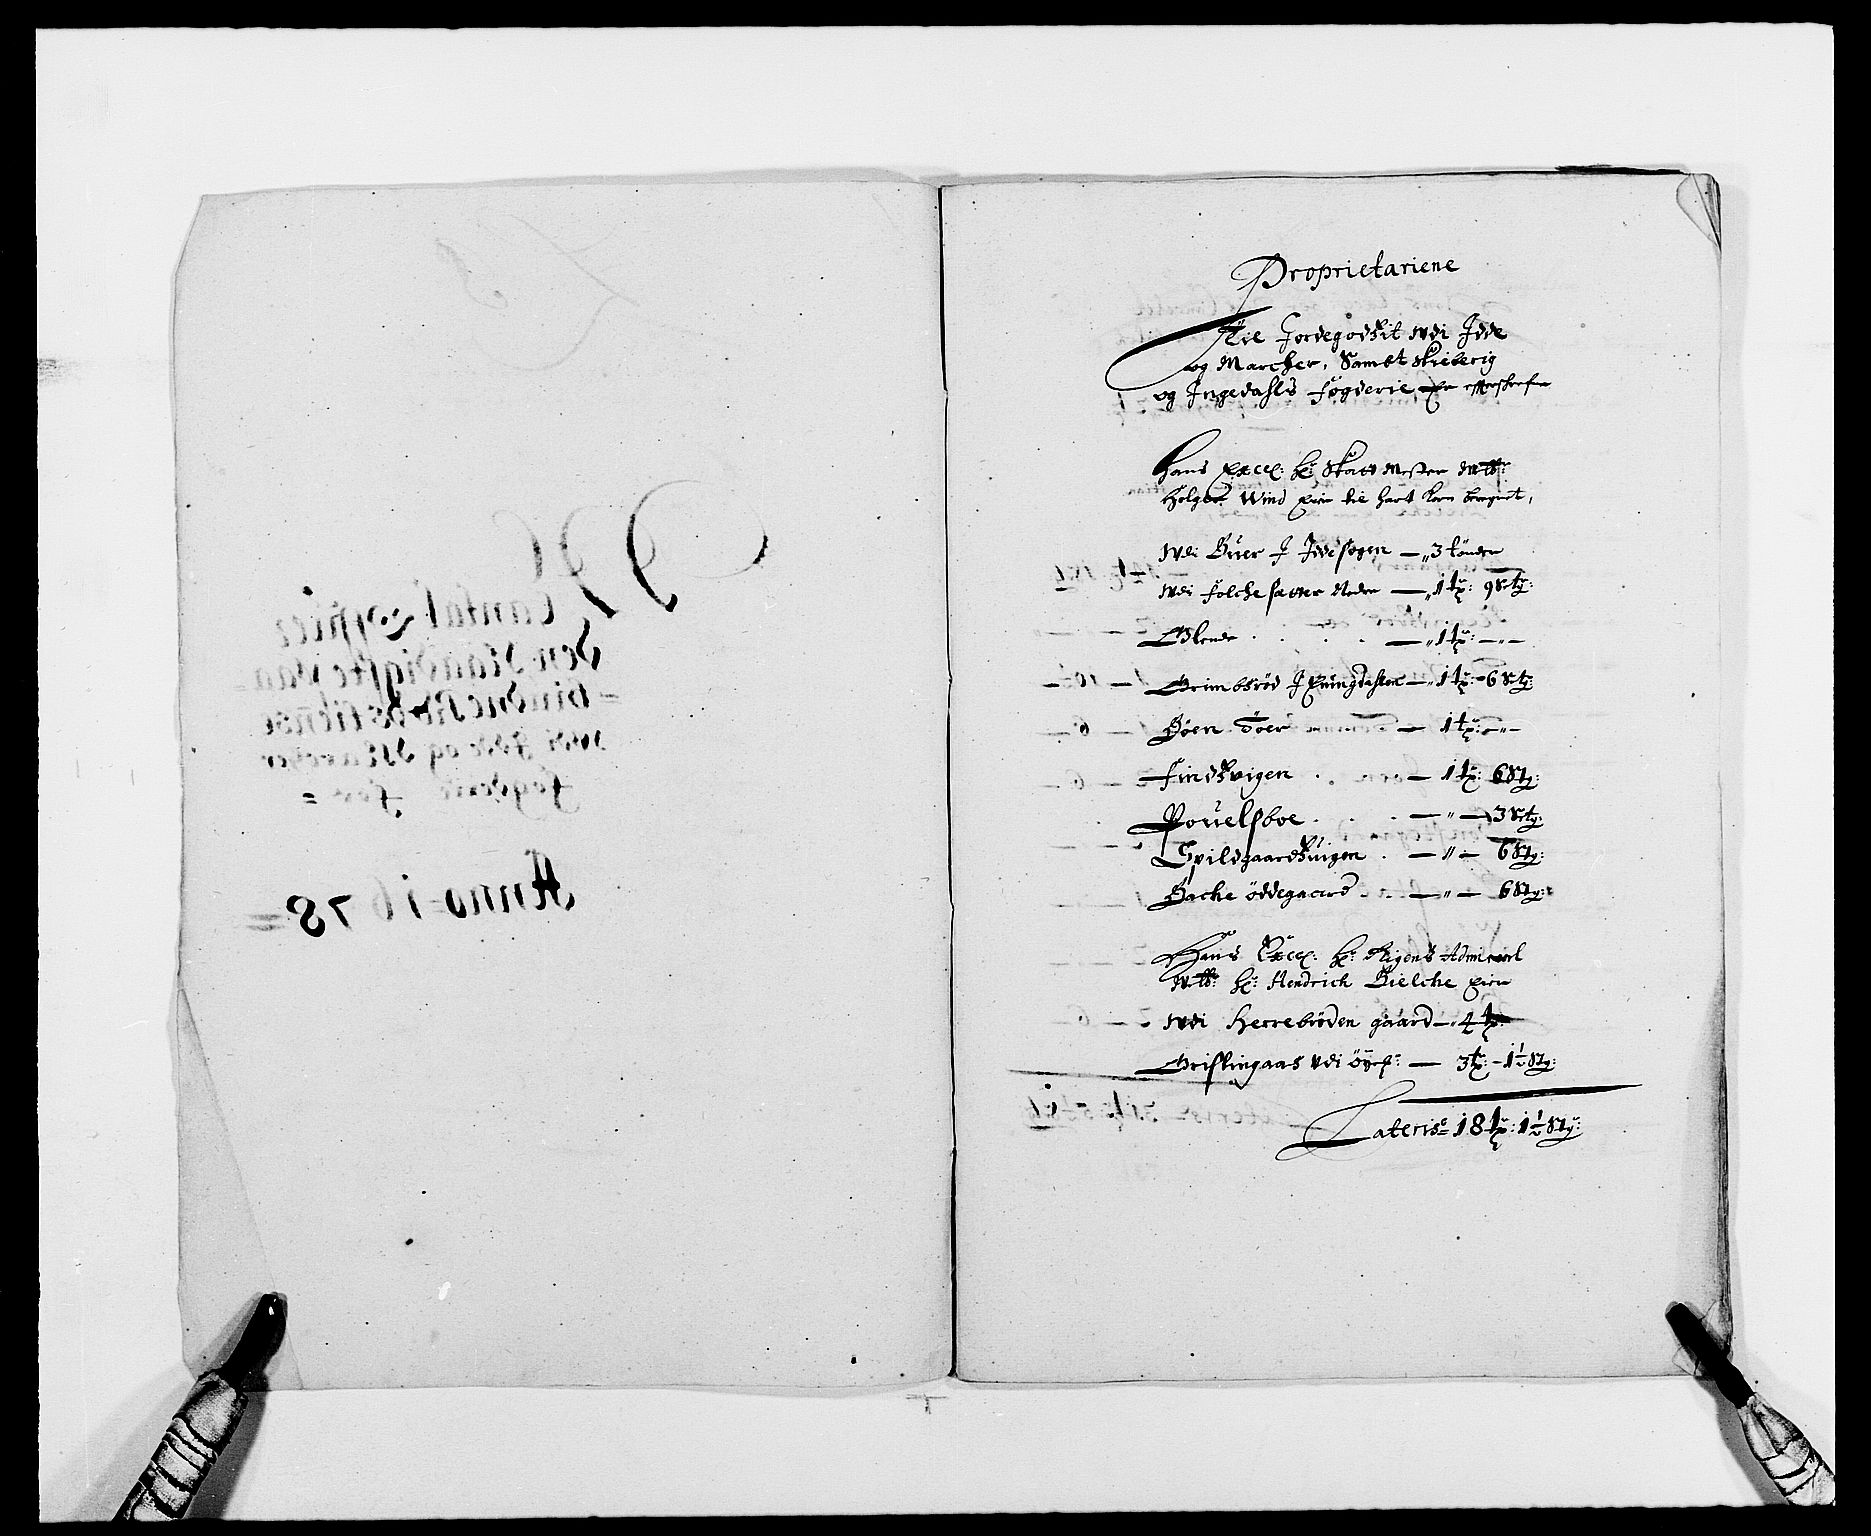 RA, Rentekammeret inntil 1814, Reviderte regnskaper, Fogderegnskap, R01/L0001: Fogderegnskap Idd og Marker, 1678-1679, s. 232